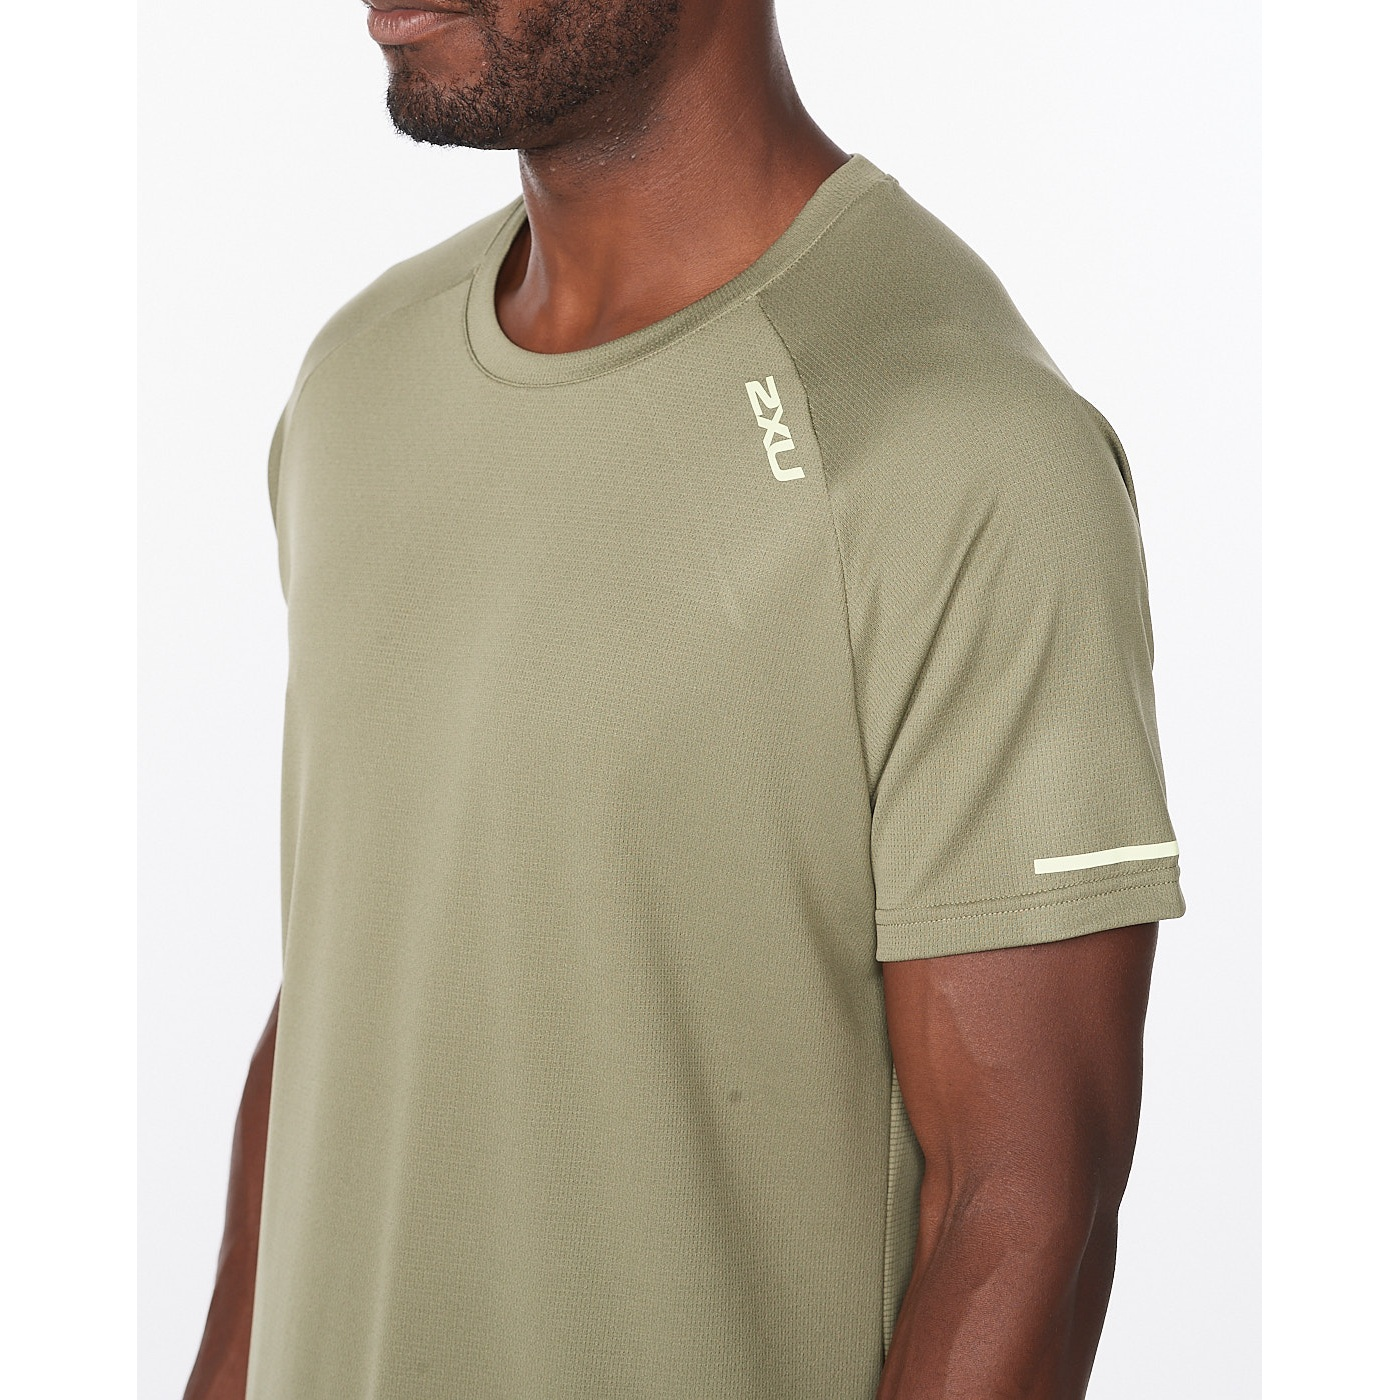 Imagen de 2XU Aero Camiseta - alpine/kiwi reflective